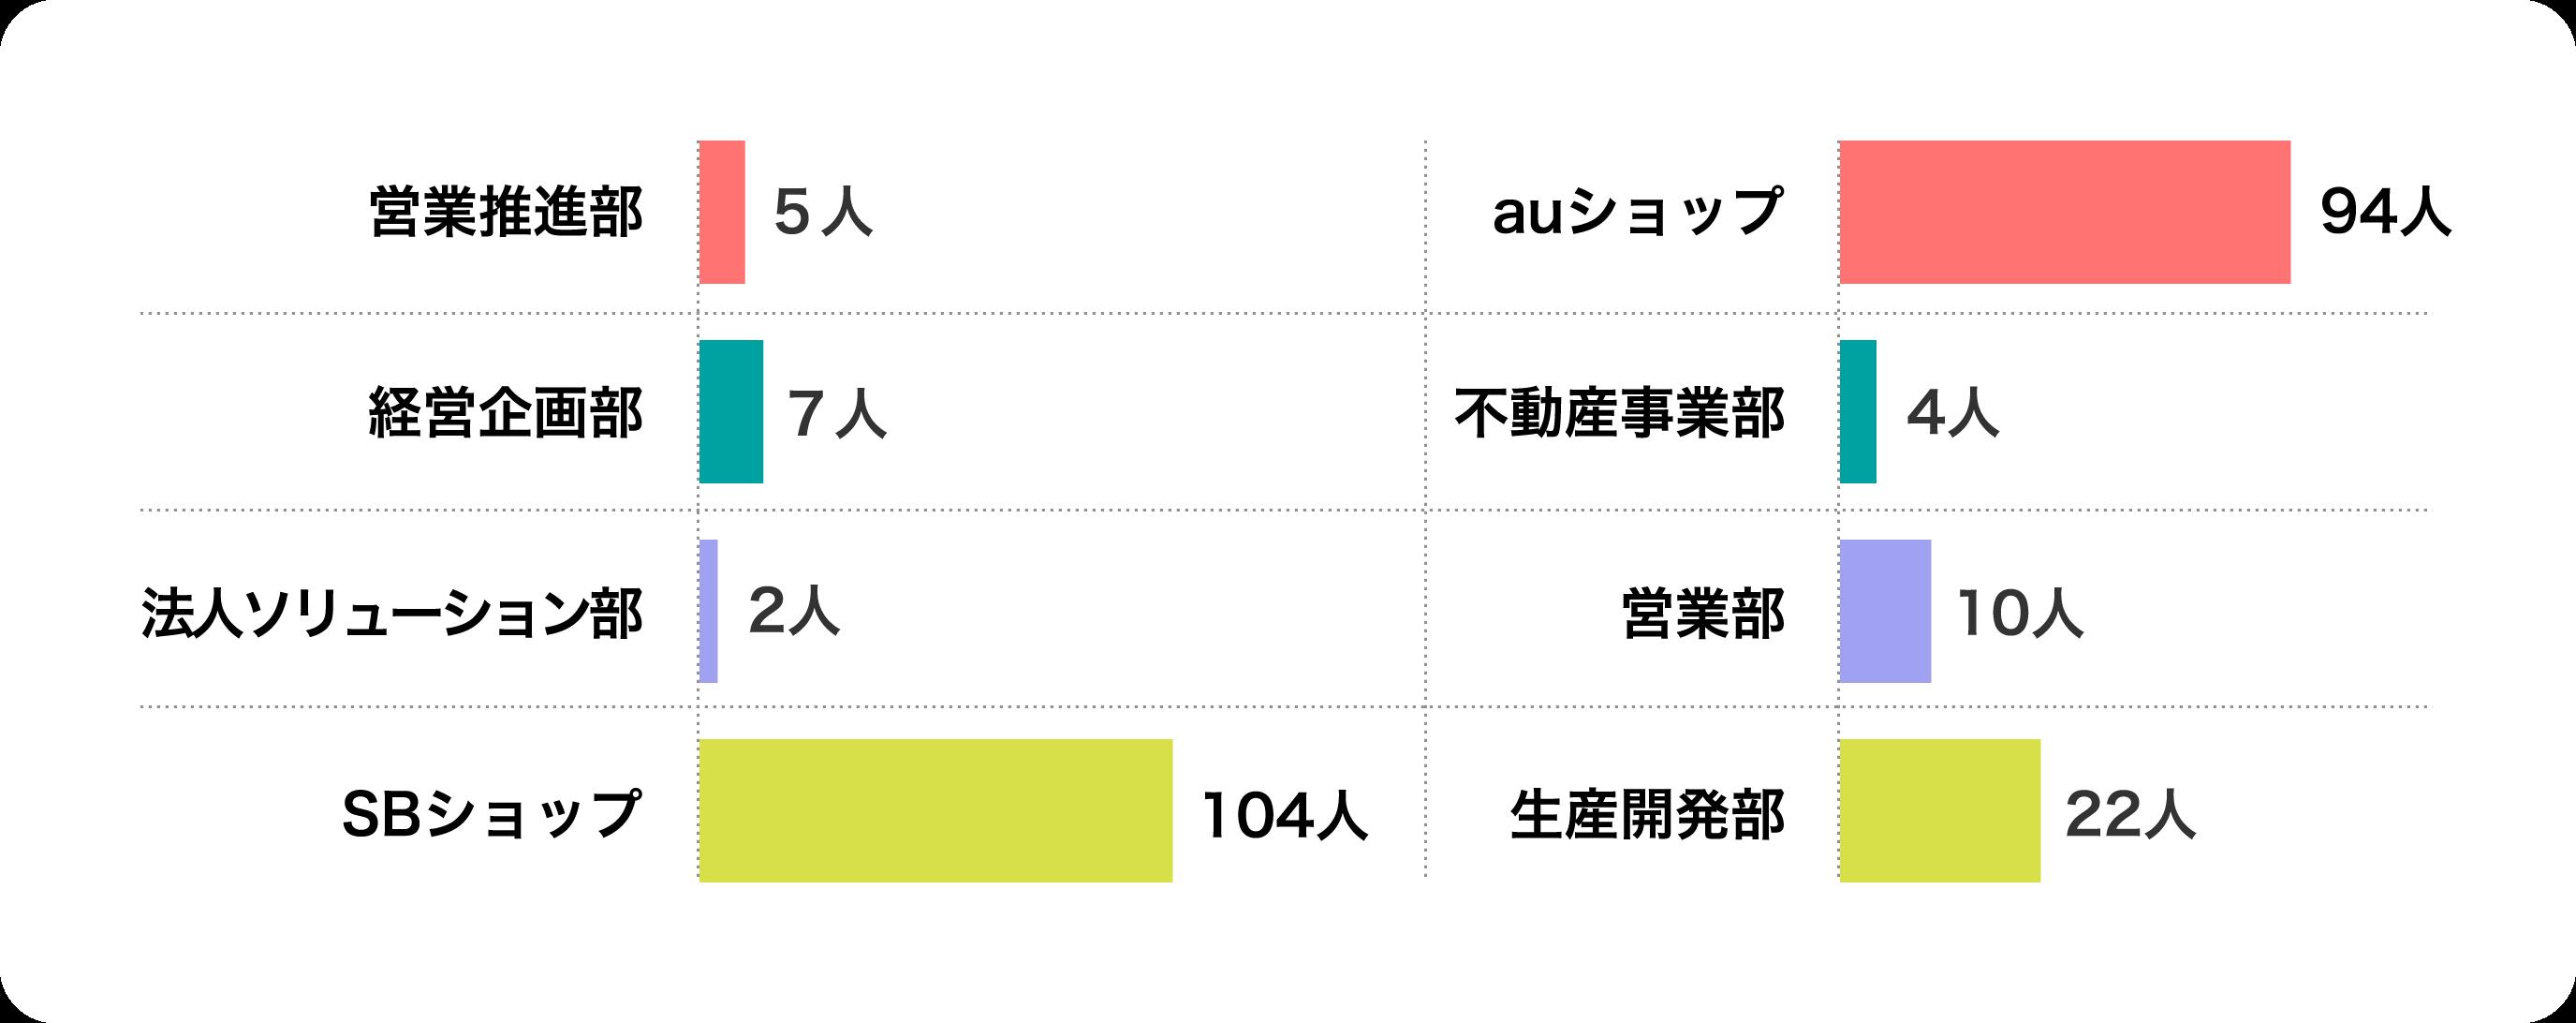 職種別比率のグラフ